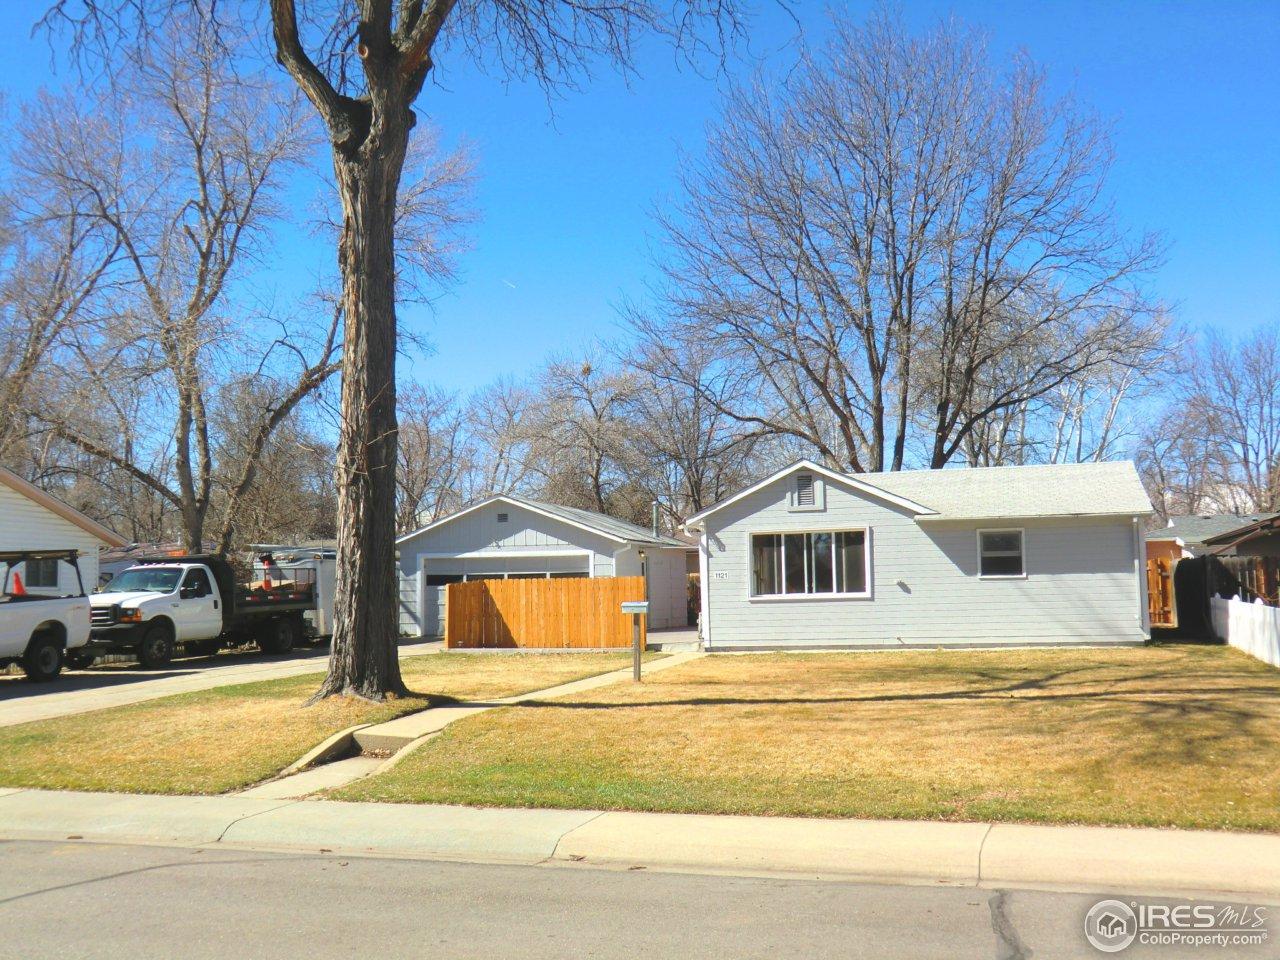 1121 Spencer St, Longmont CO 80501